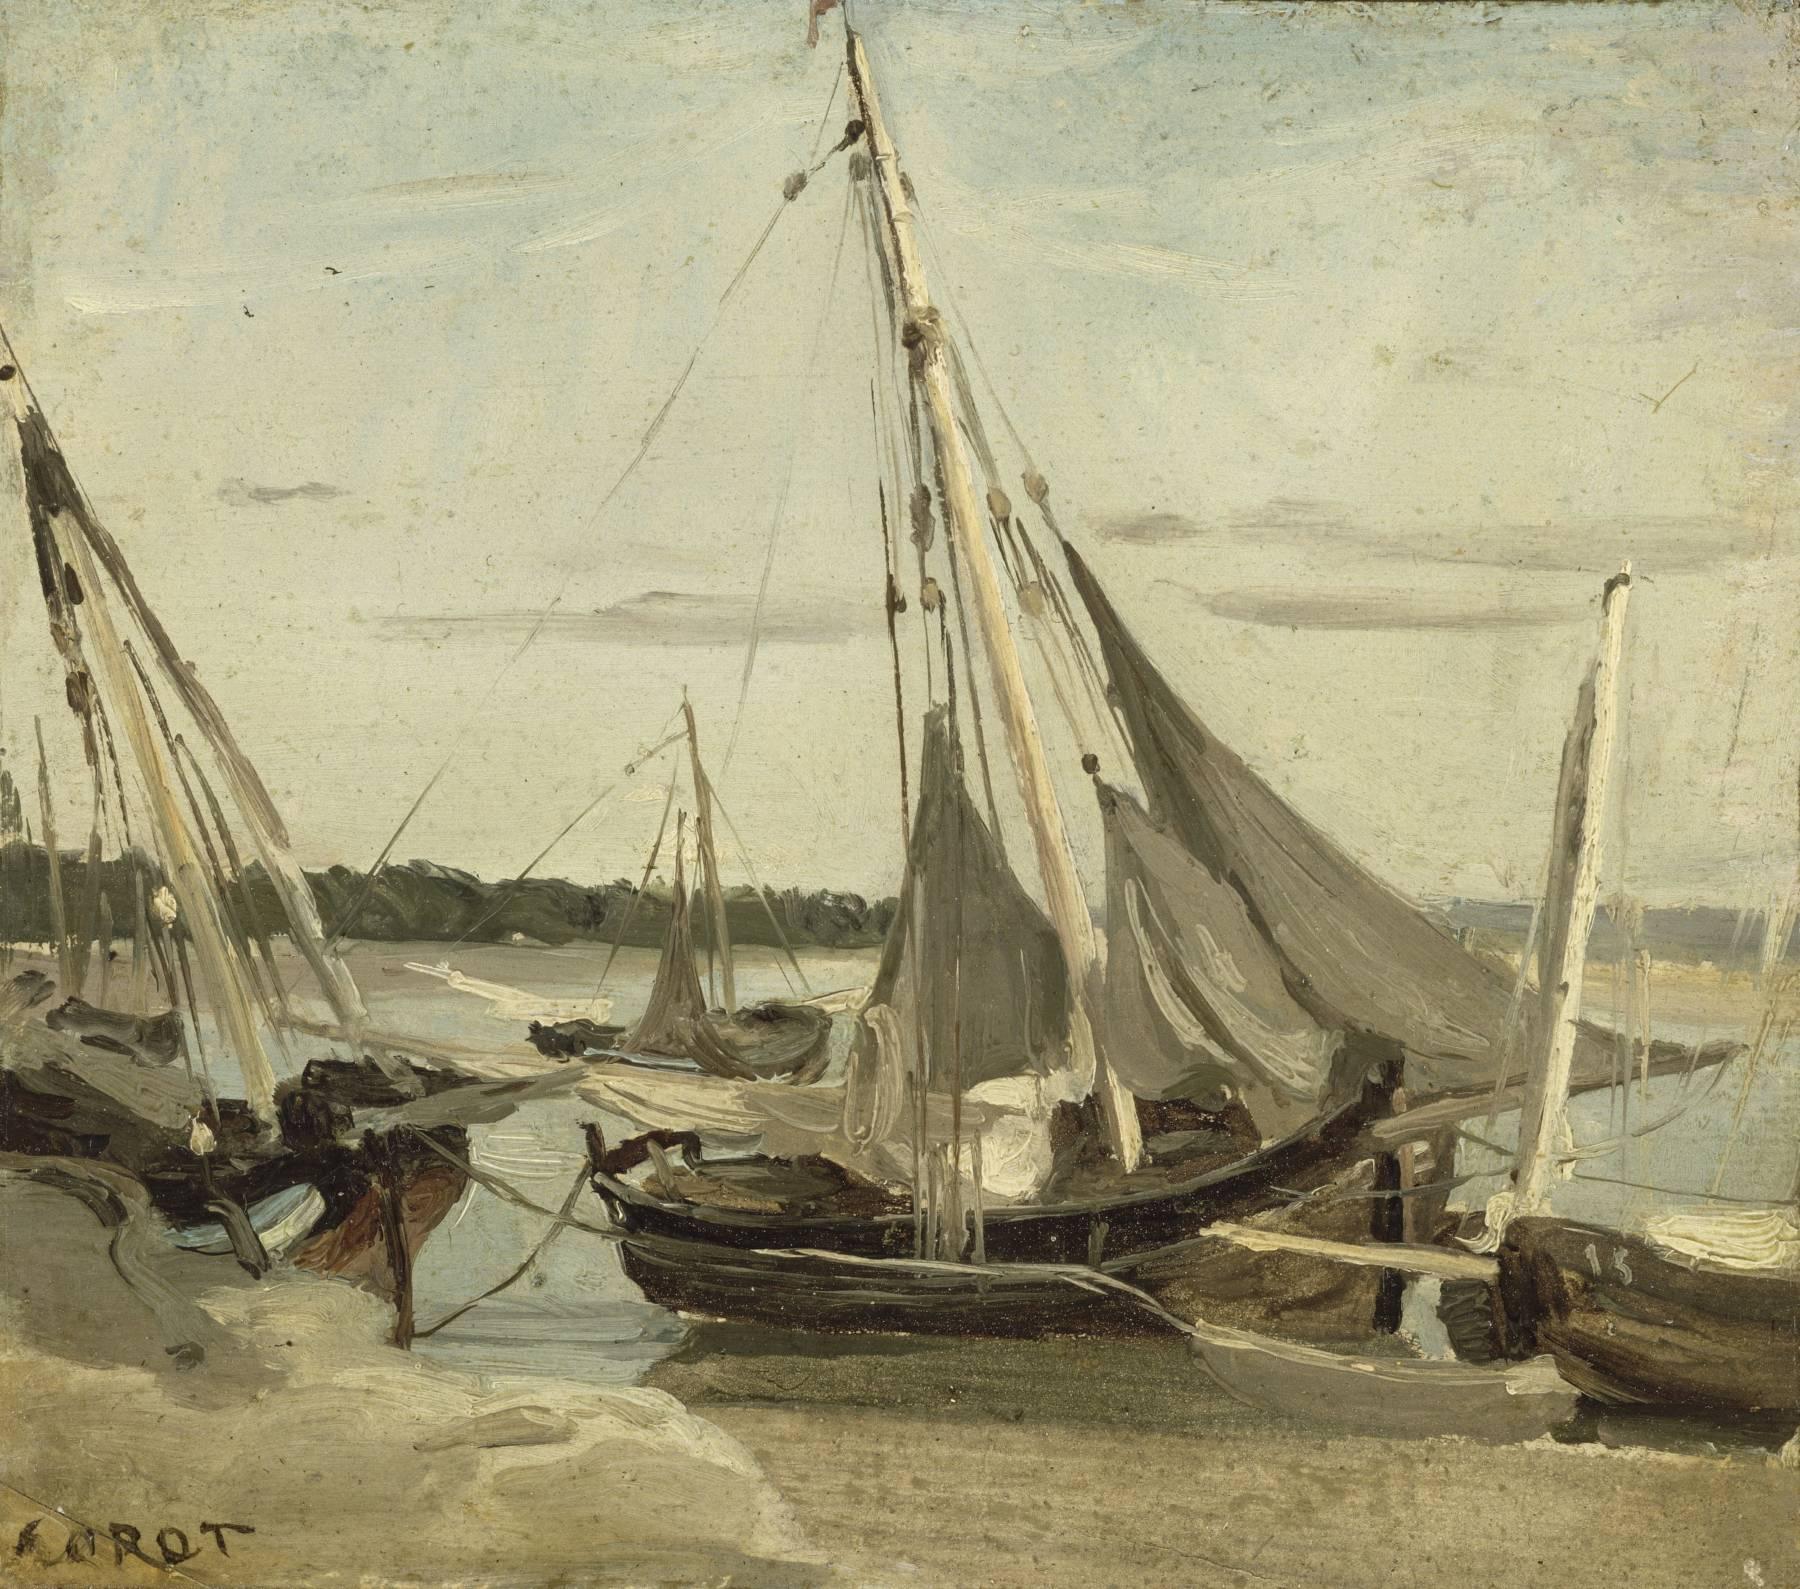 Camille Corot, Trouville, bateaux de pêche échoués dans le canal